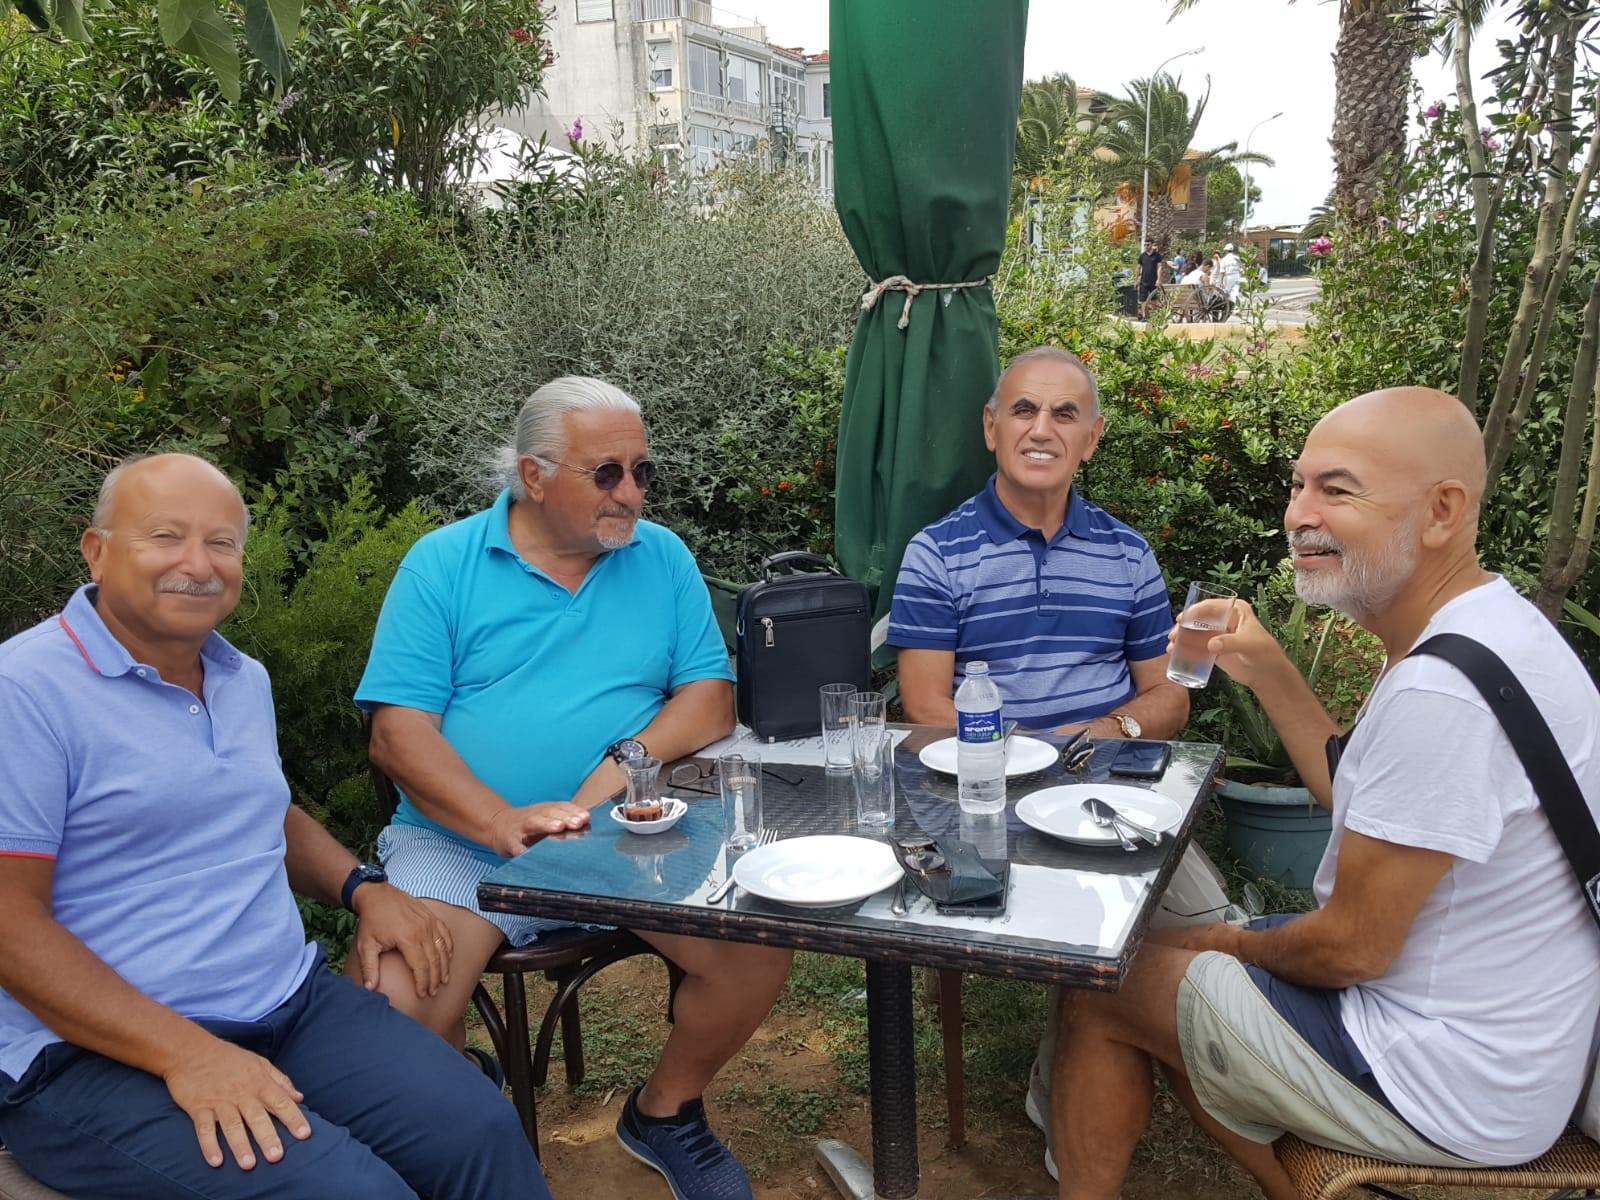 Büyükada'da ufak bir grupla ada sorunlarını konuşurken